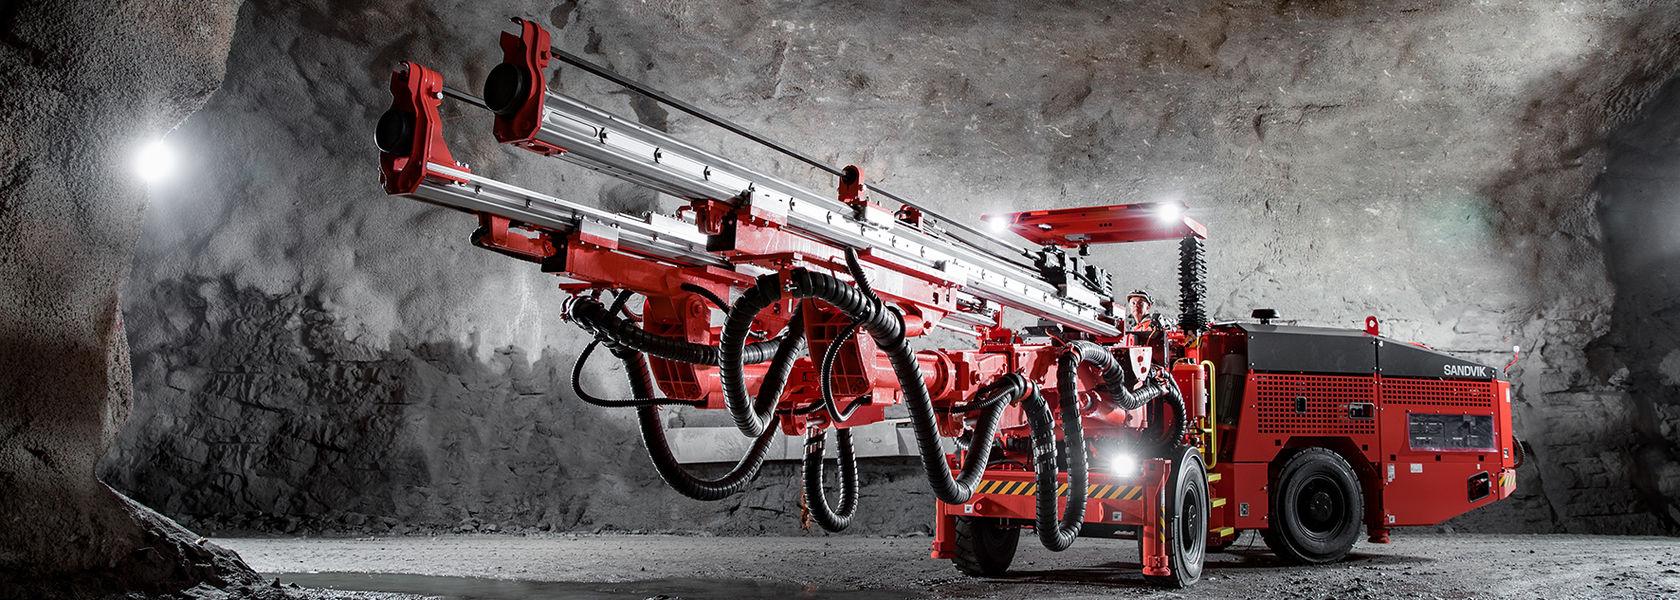 IL - Perforare -  - Industria estrattiva-mineraria Macchine per gallerie Tunnelling